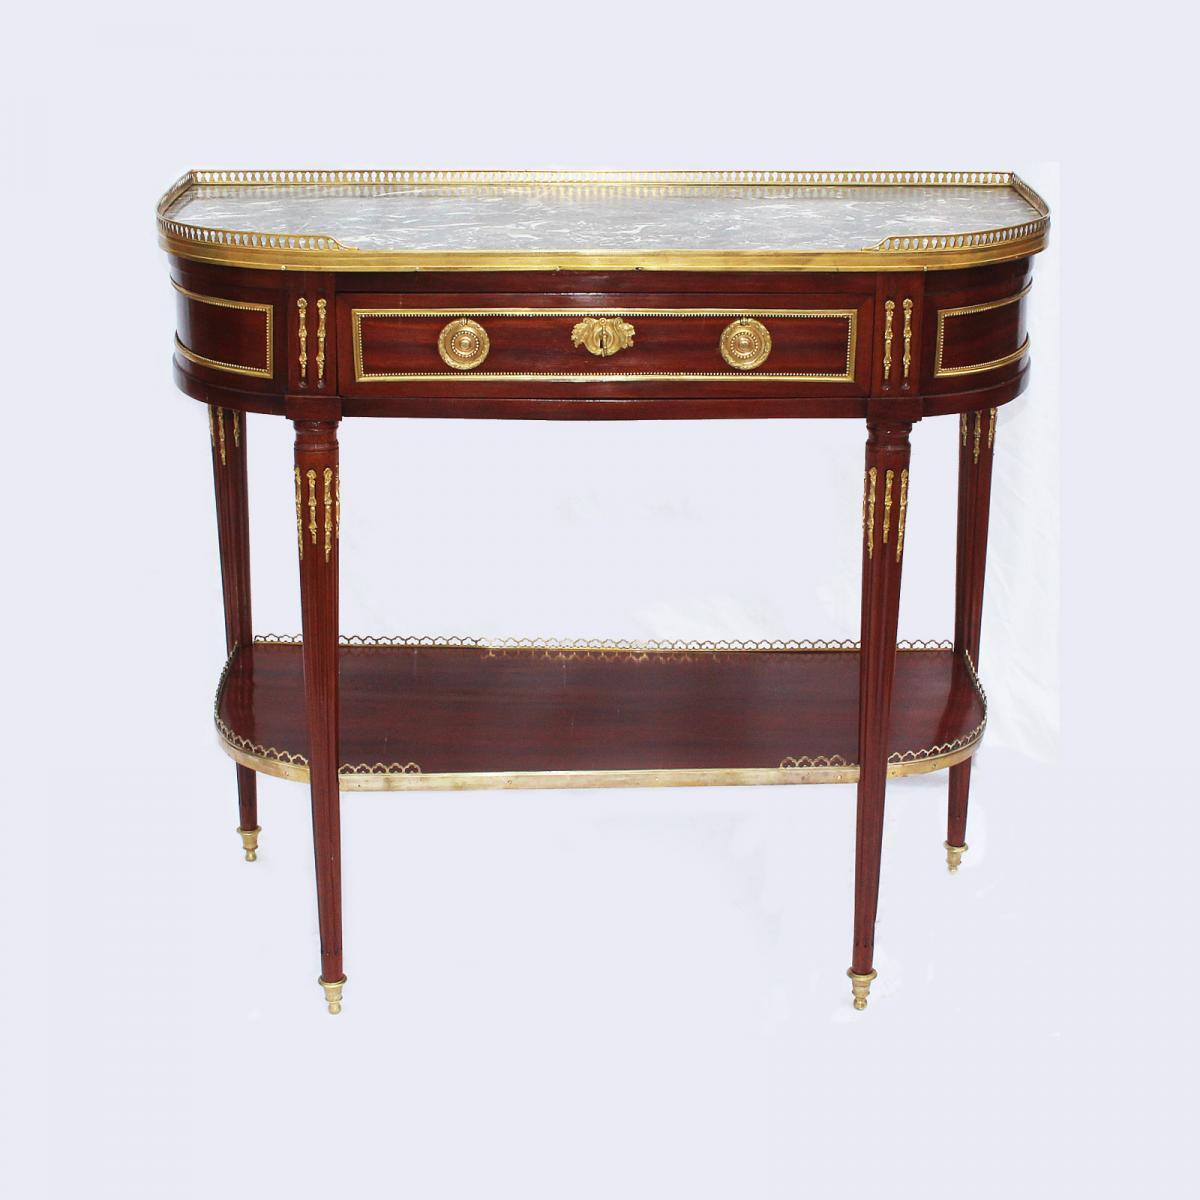 Console D'époque Louis XVI Estampillée J. Caumont.